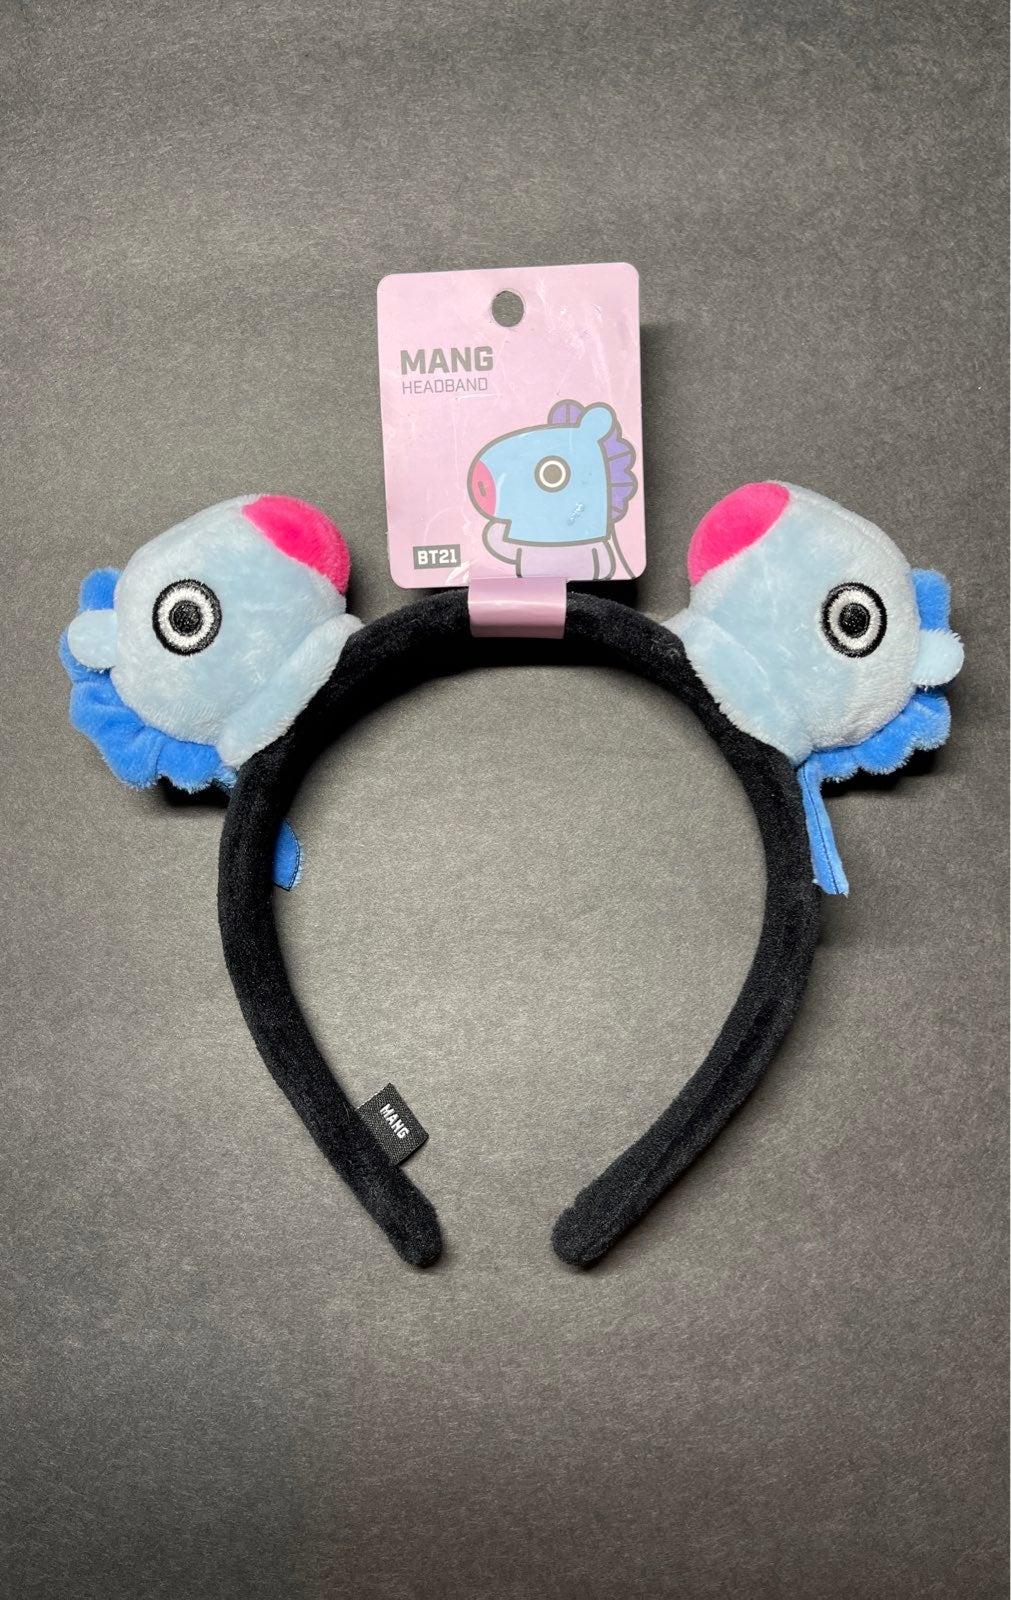 BT21 Mang Headband